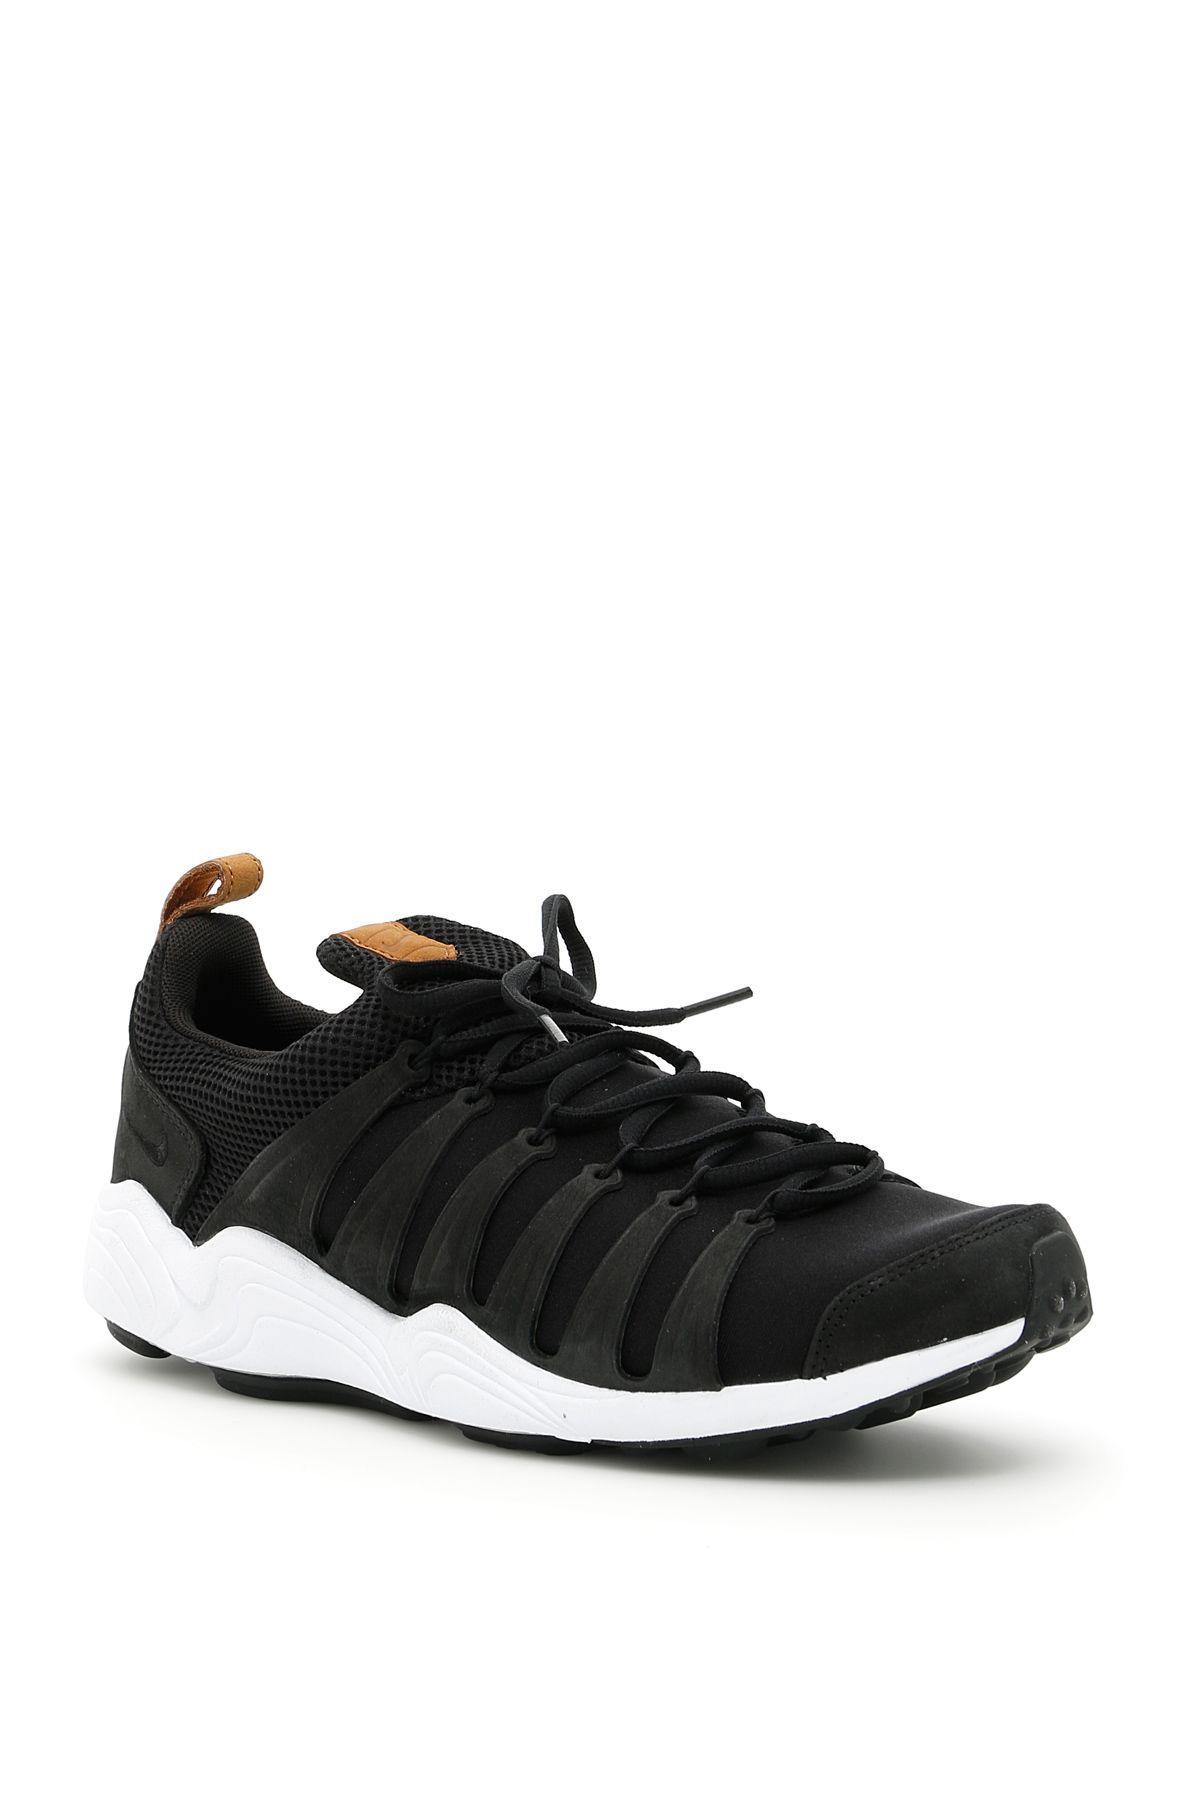 be068723a259b Nike  Air Zoom Spirimic  Sneakers In Black